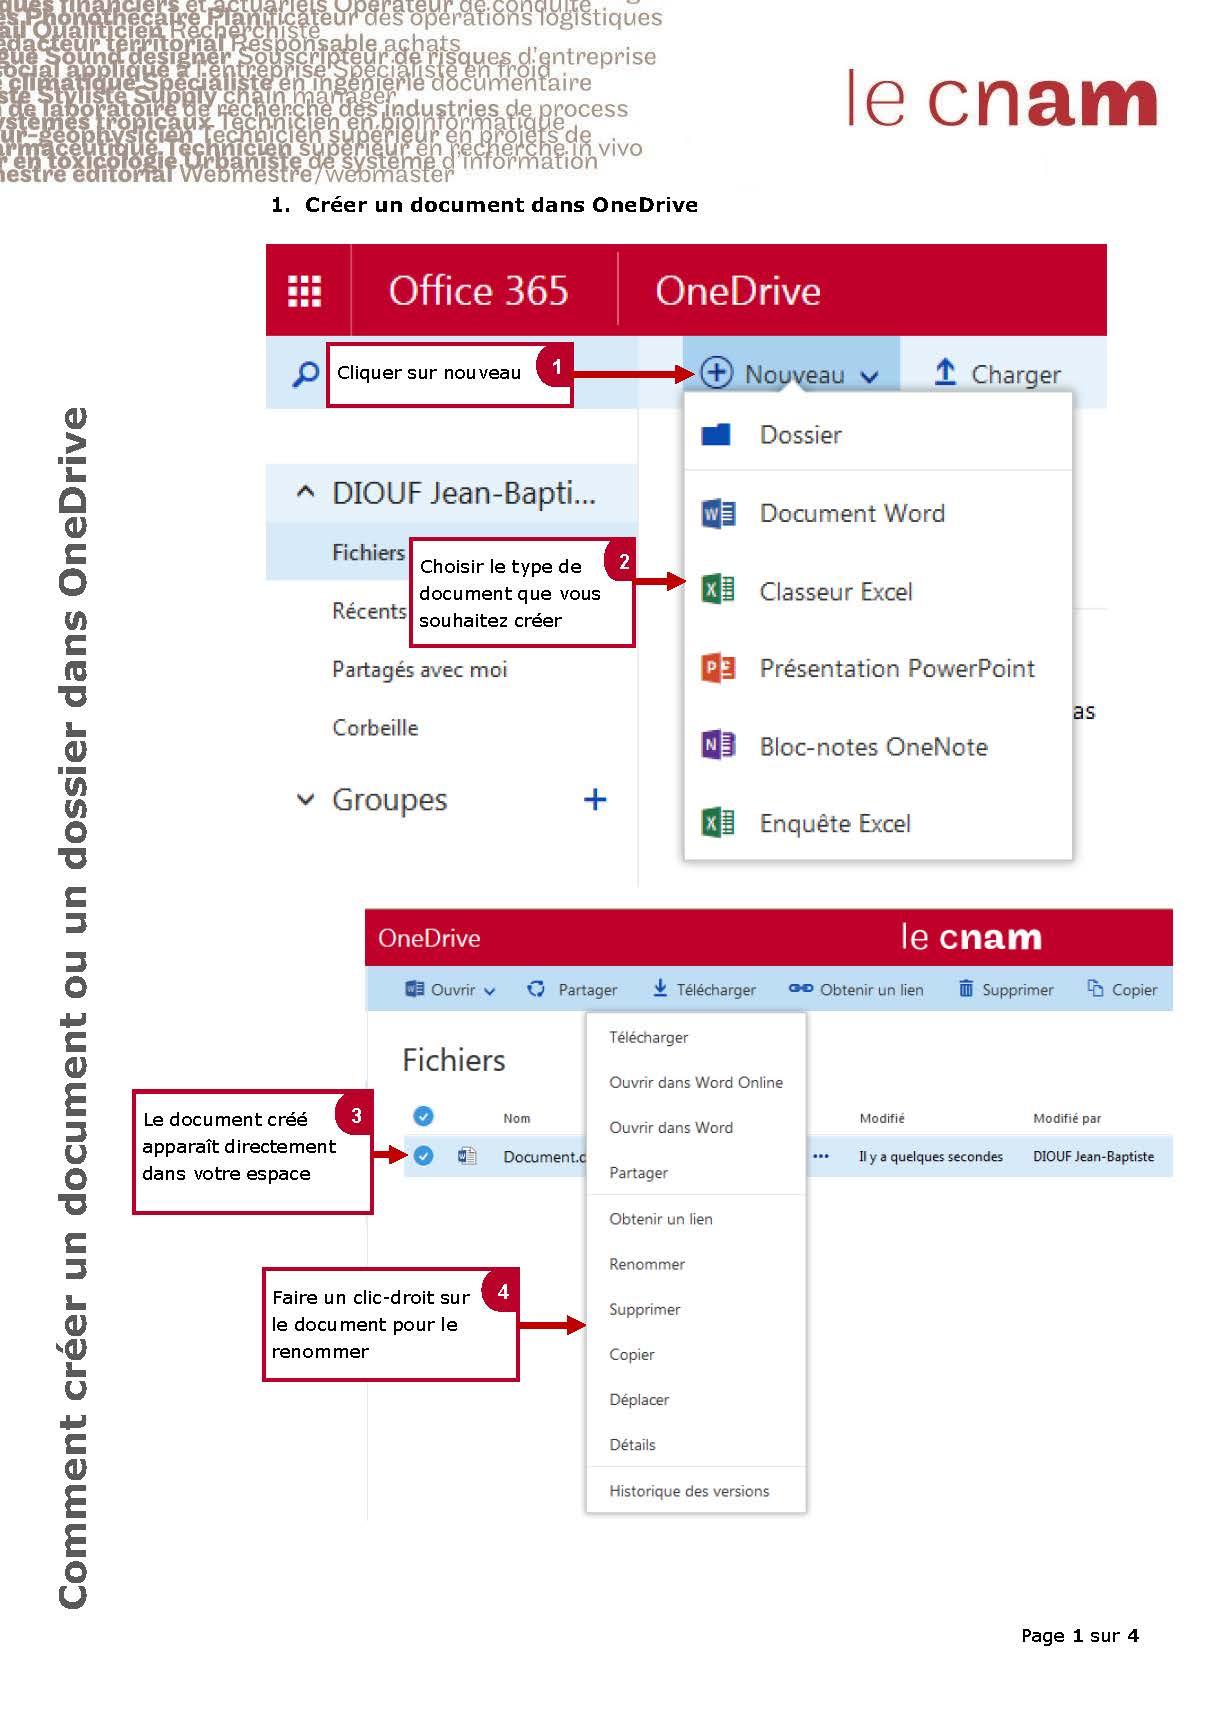 Comment créer un document ou un dossier dans Onedrive_Page_1